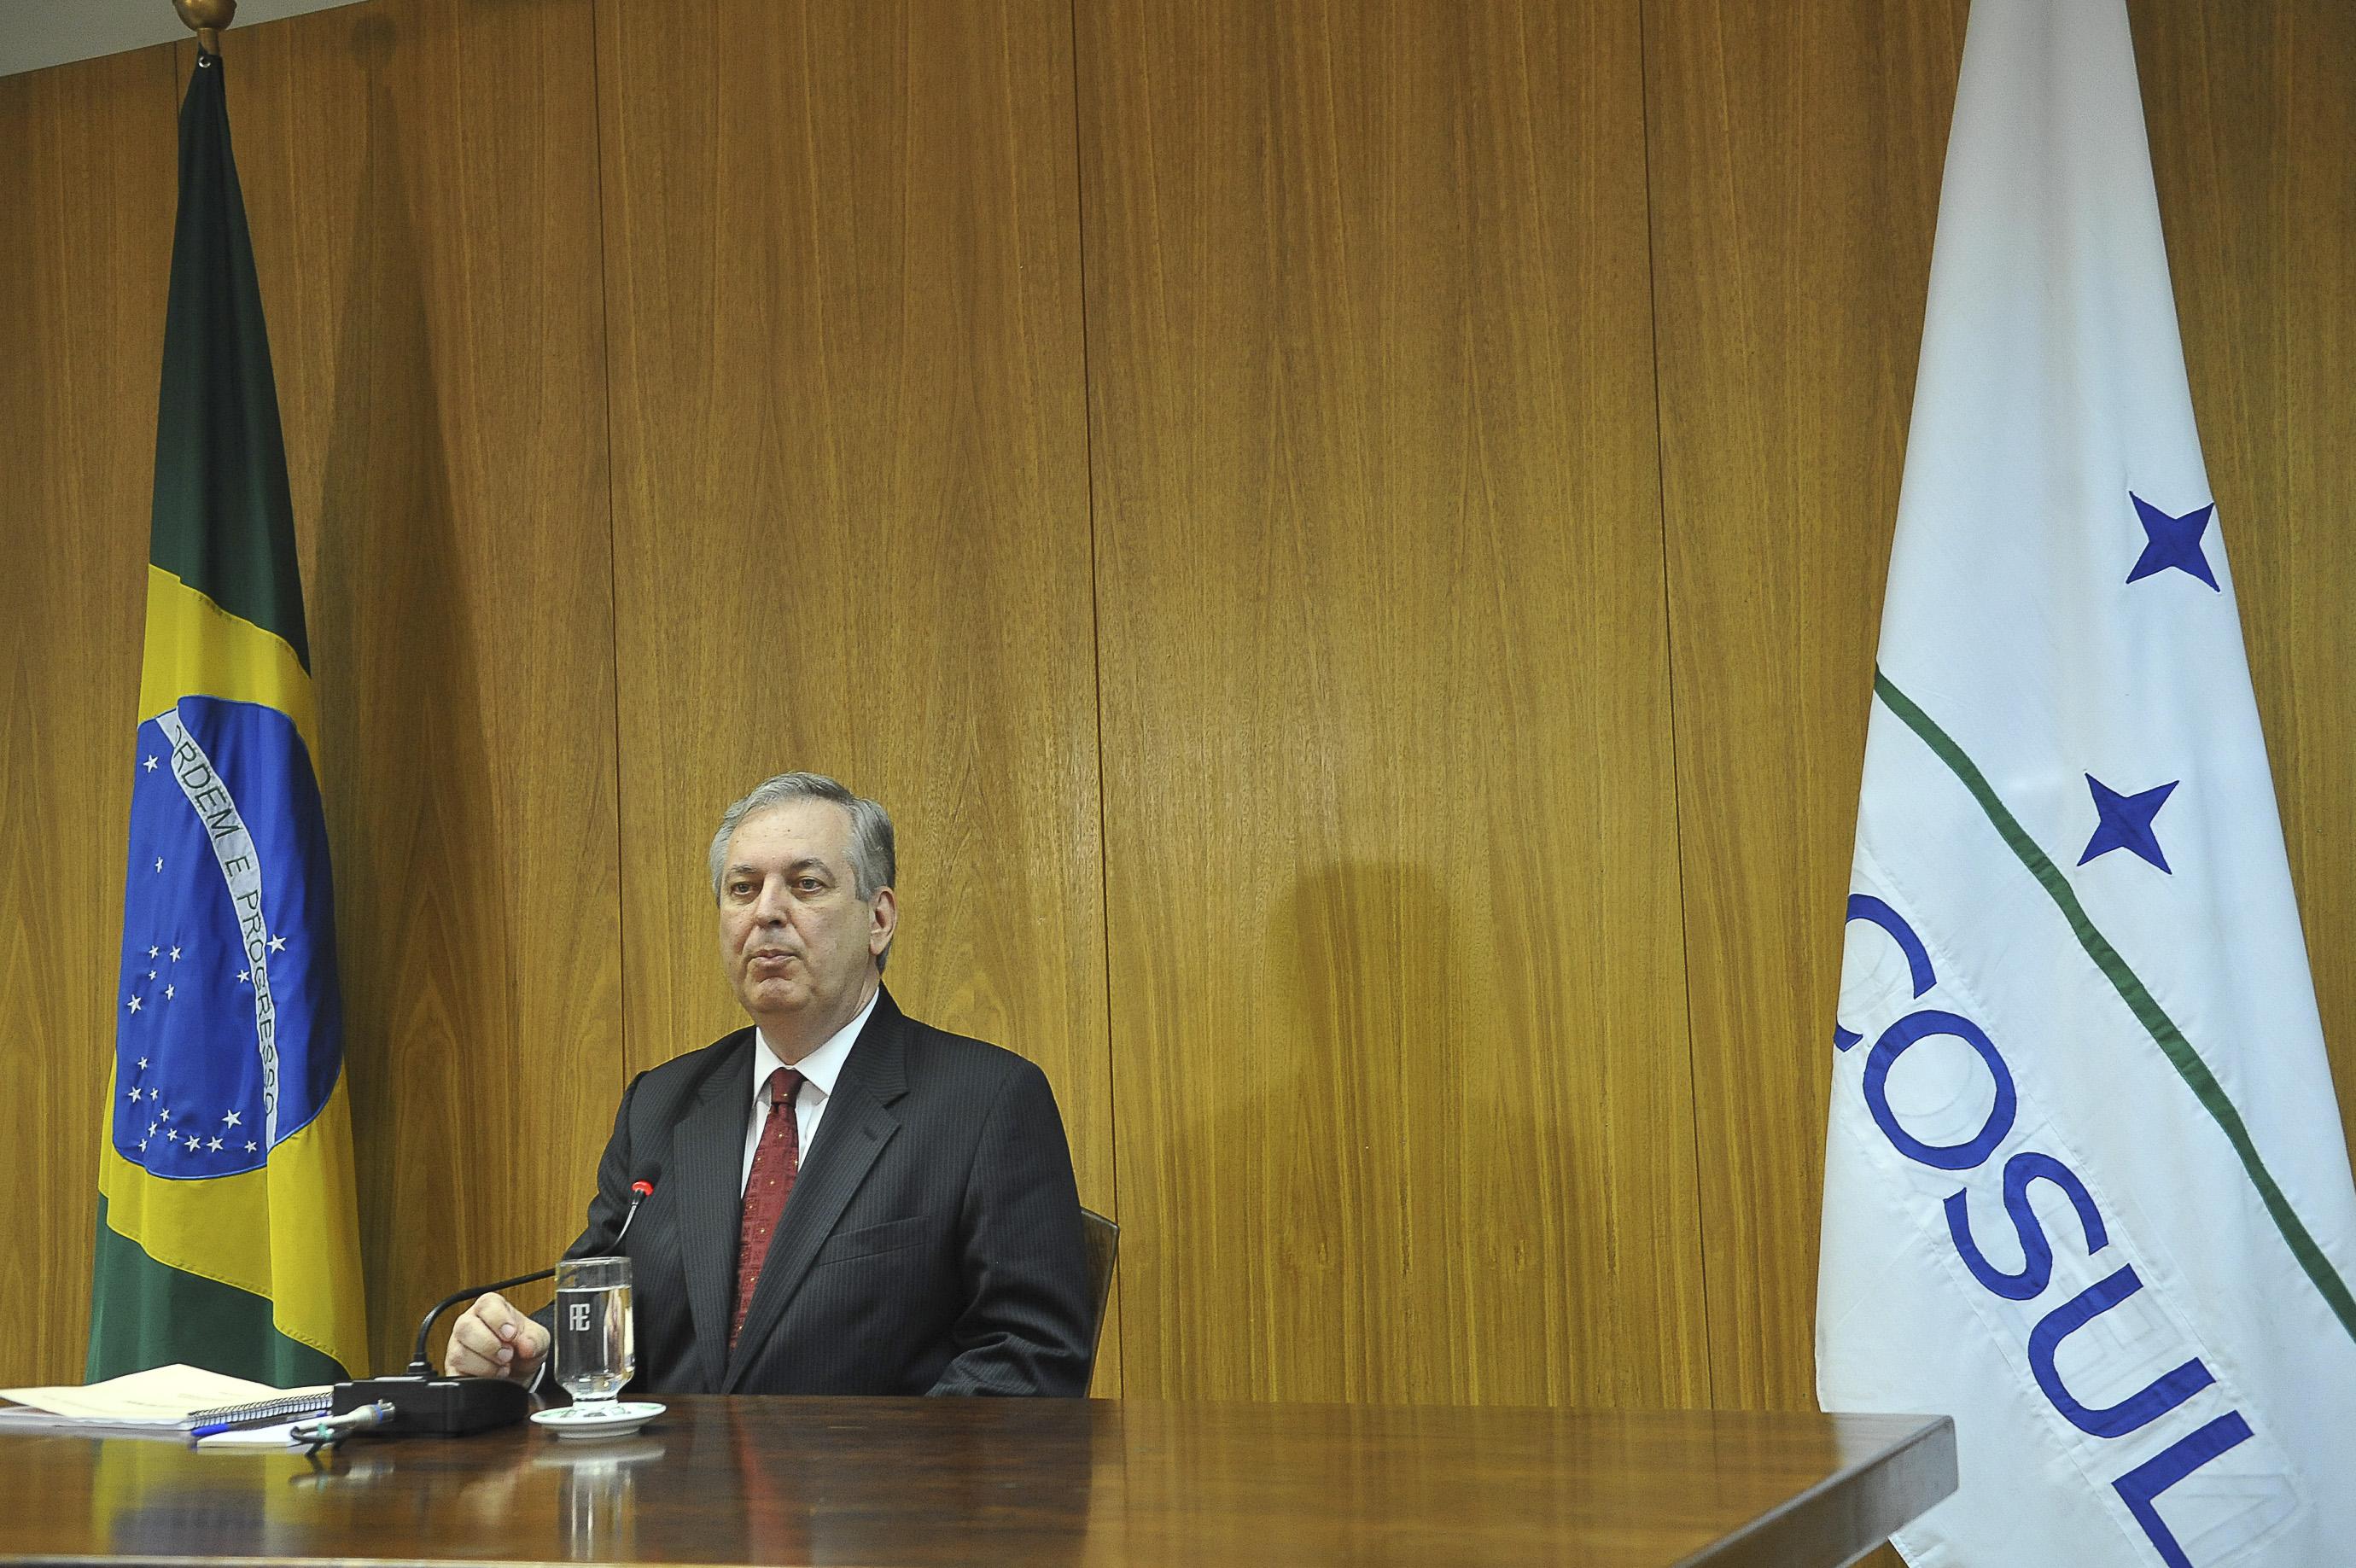 Secretário executivo da Comissão Nacional para a Conferência das Nações Unidas sobre o Desenvolvimento Sustentável (Rio+20), embaixador Luiz Alberto Figueiredo